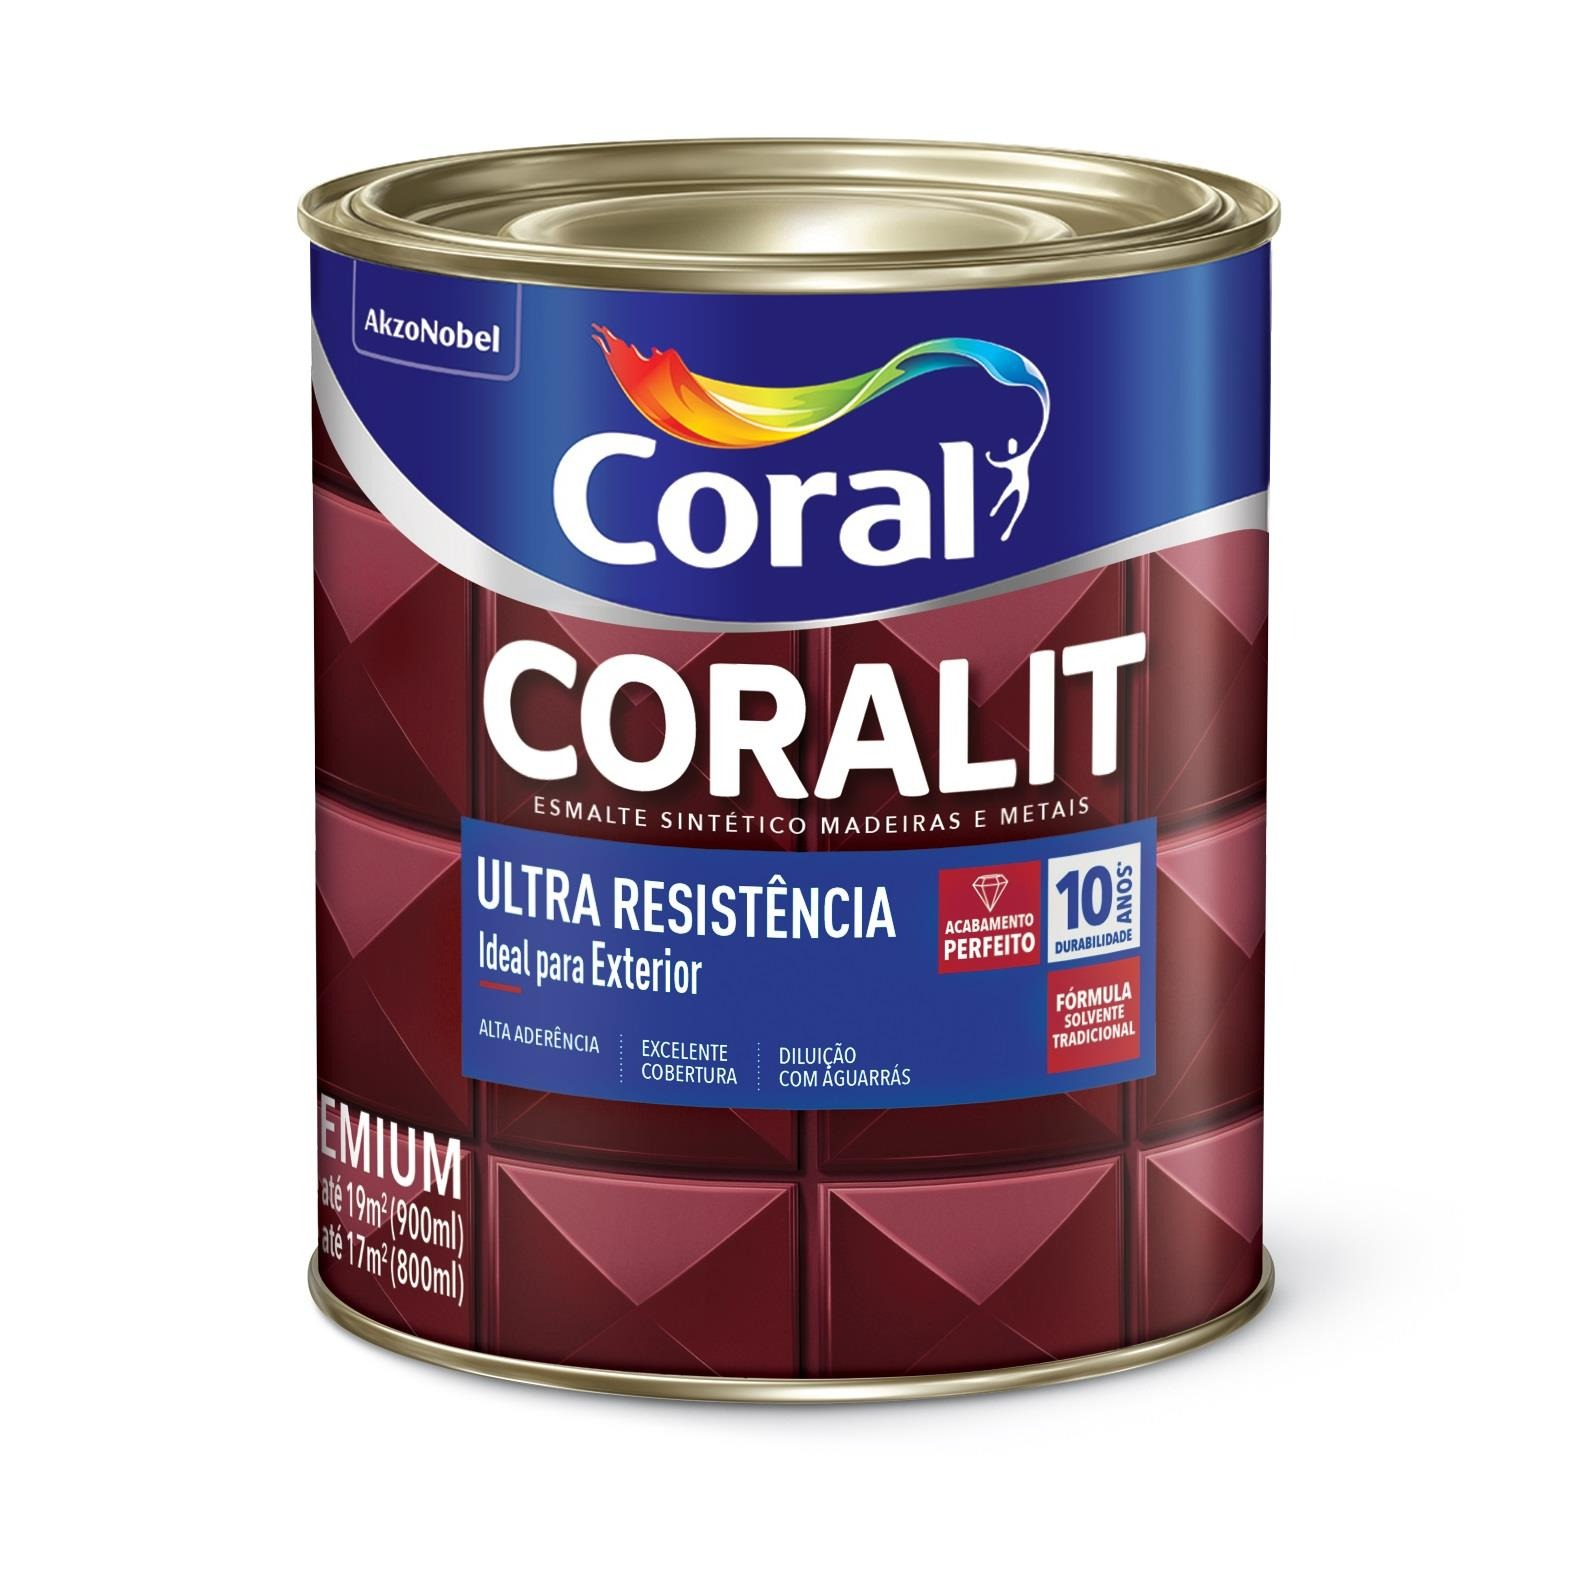 Tinta Esmalte Sintetico Alto brilho Premium 09L - Marrom Conhaque - Coralit Coral